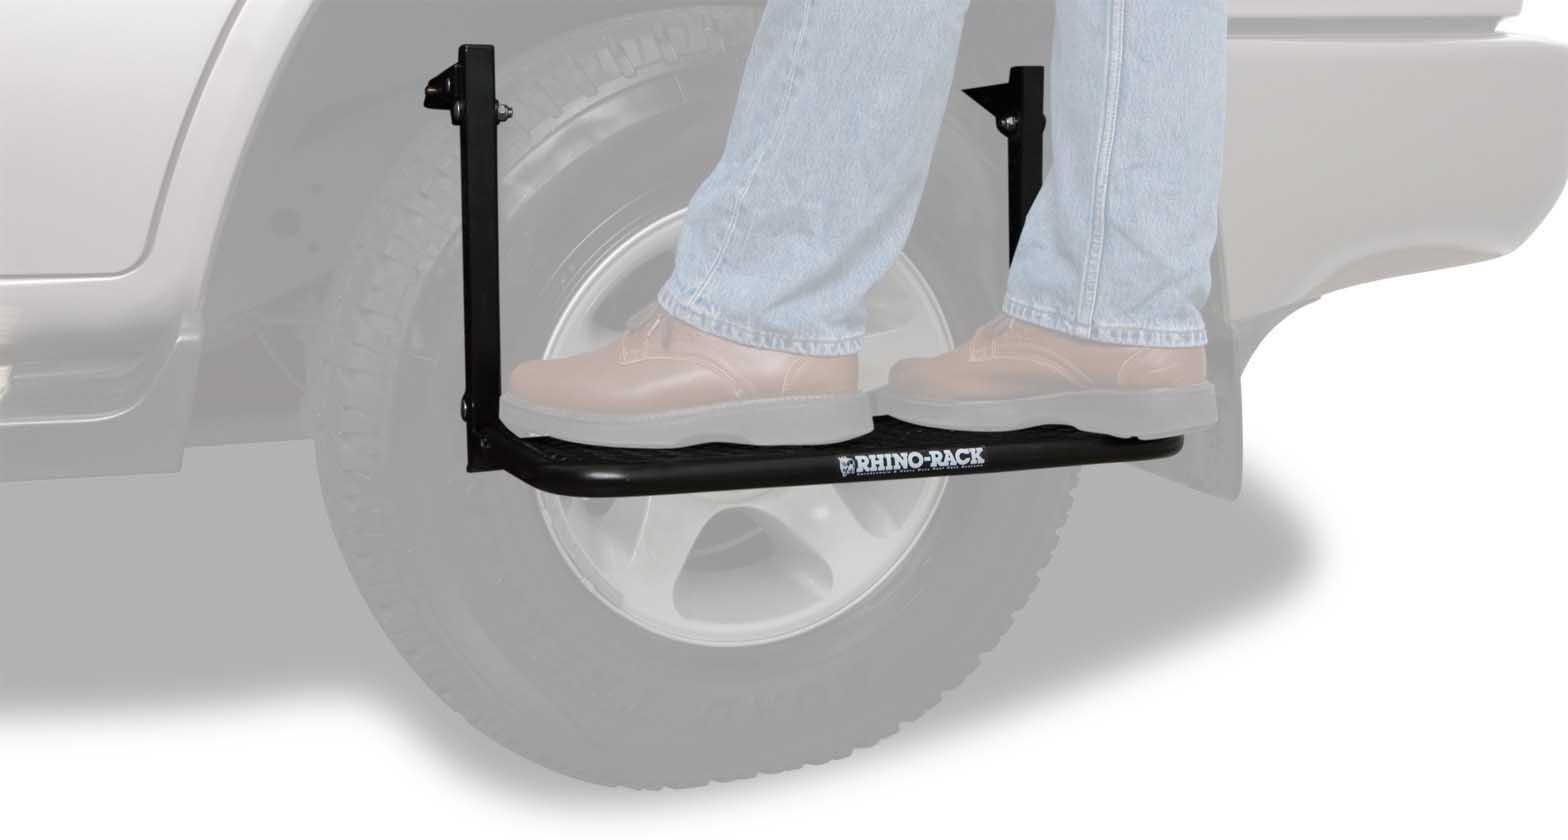 Rhino-Rack RHINO WHEEL STEP / ライノラック ホイールステップ